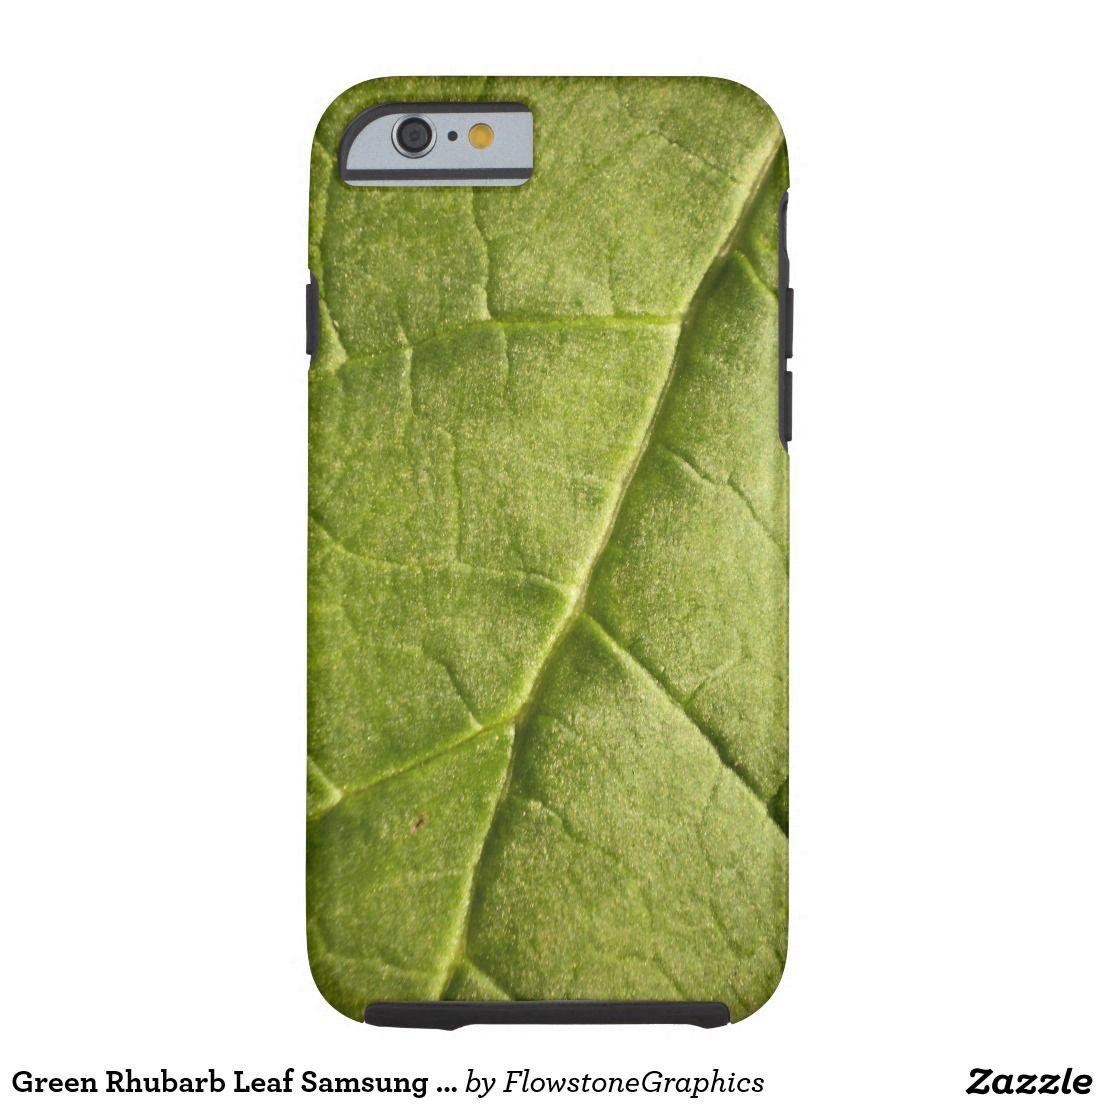 Green Rhubarb Leaf Samsung iPhone 6 Case